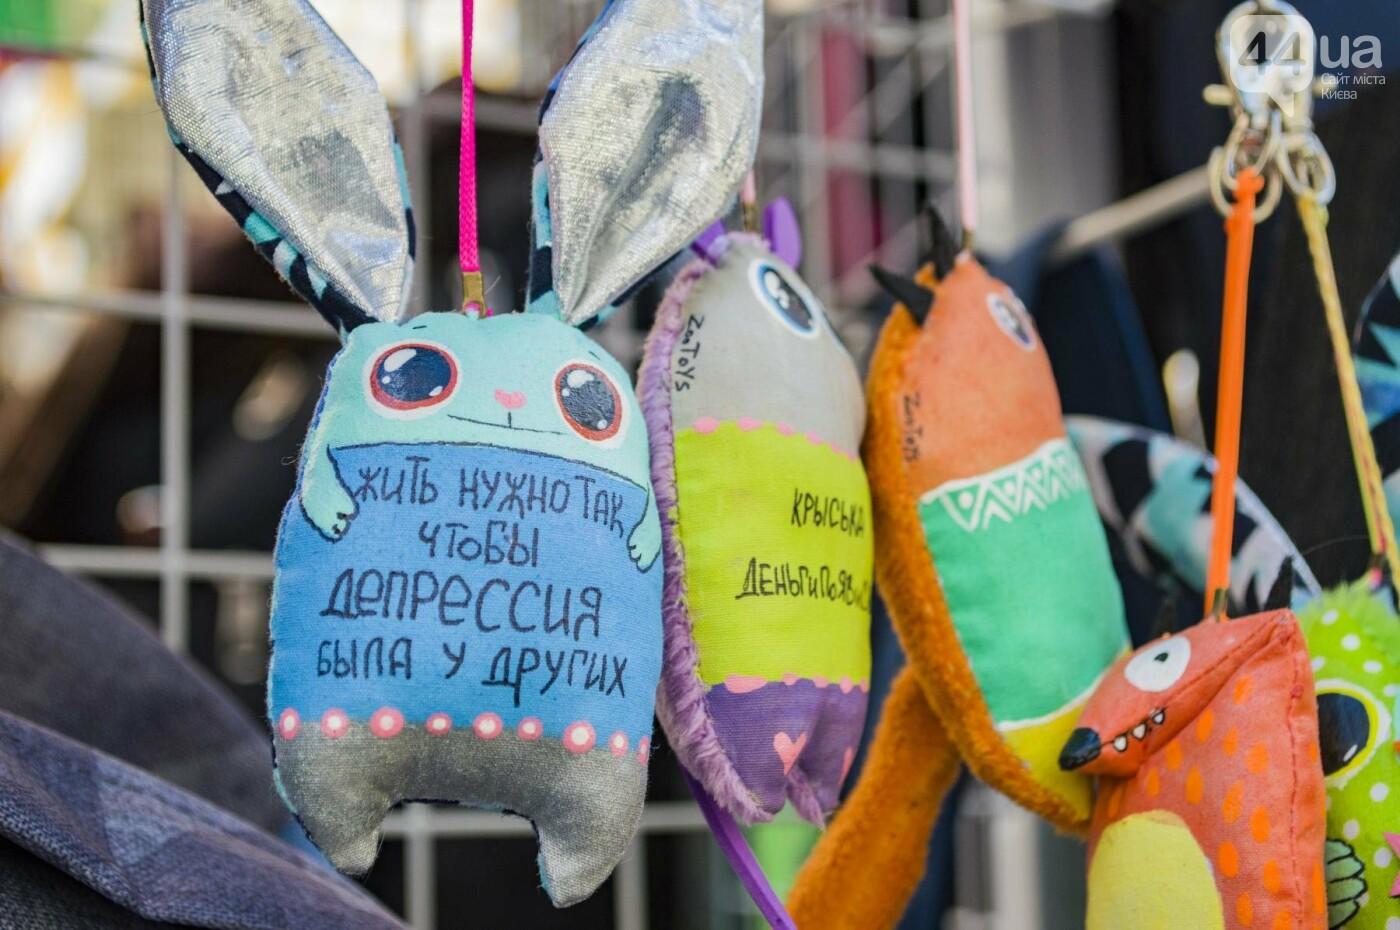 """На Контрактовой площади стартовал фестиваль """"Made in Ukraine"""": что продают и чем кормят, фото-7"""